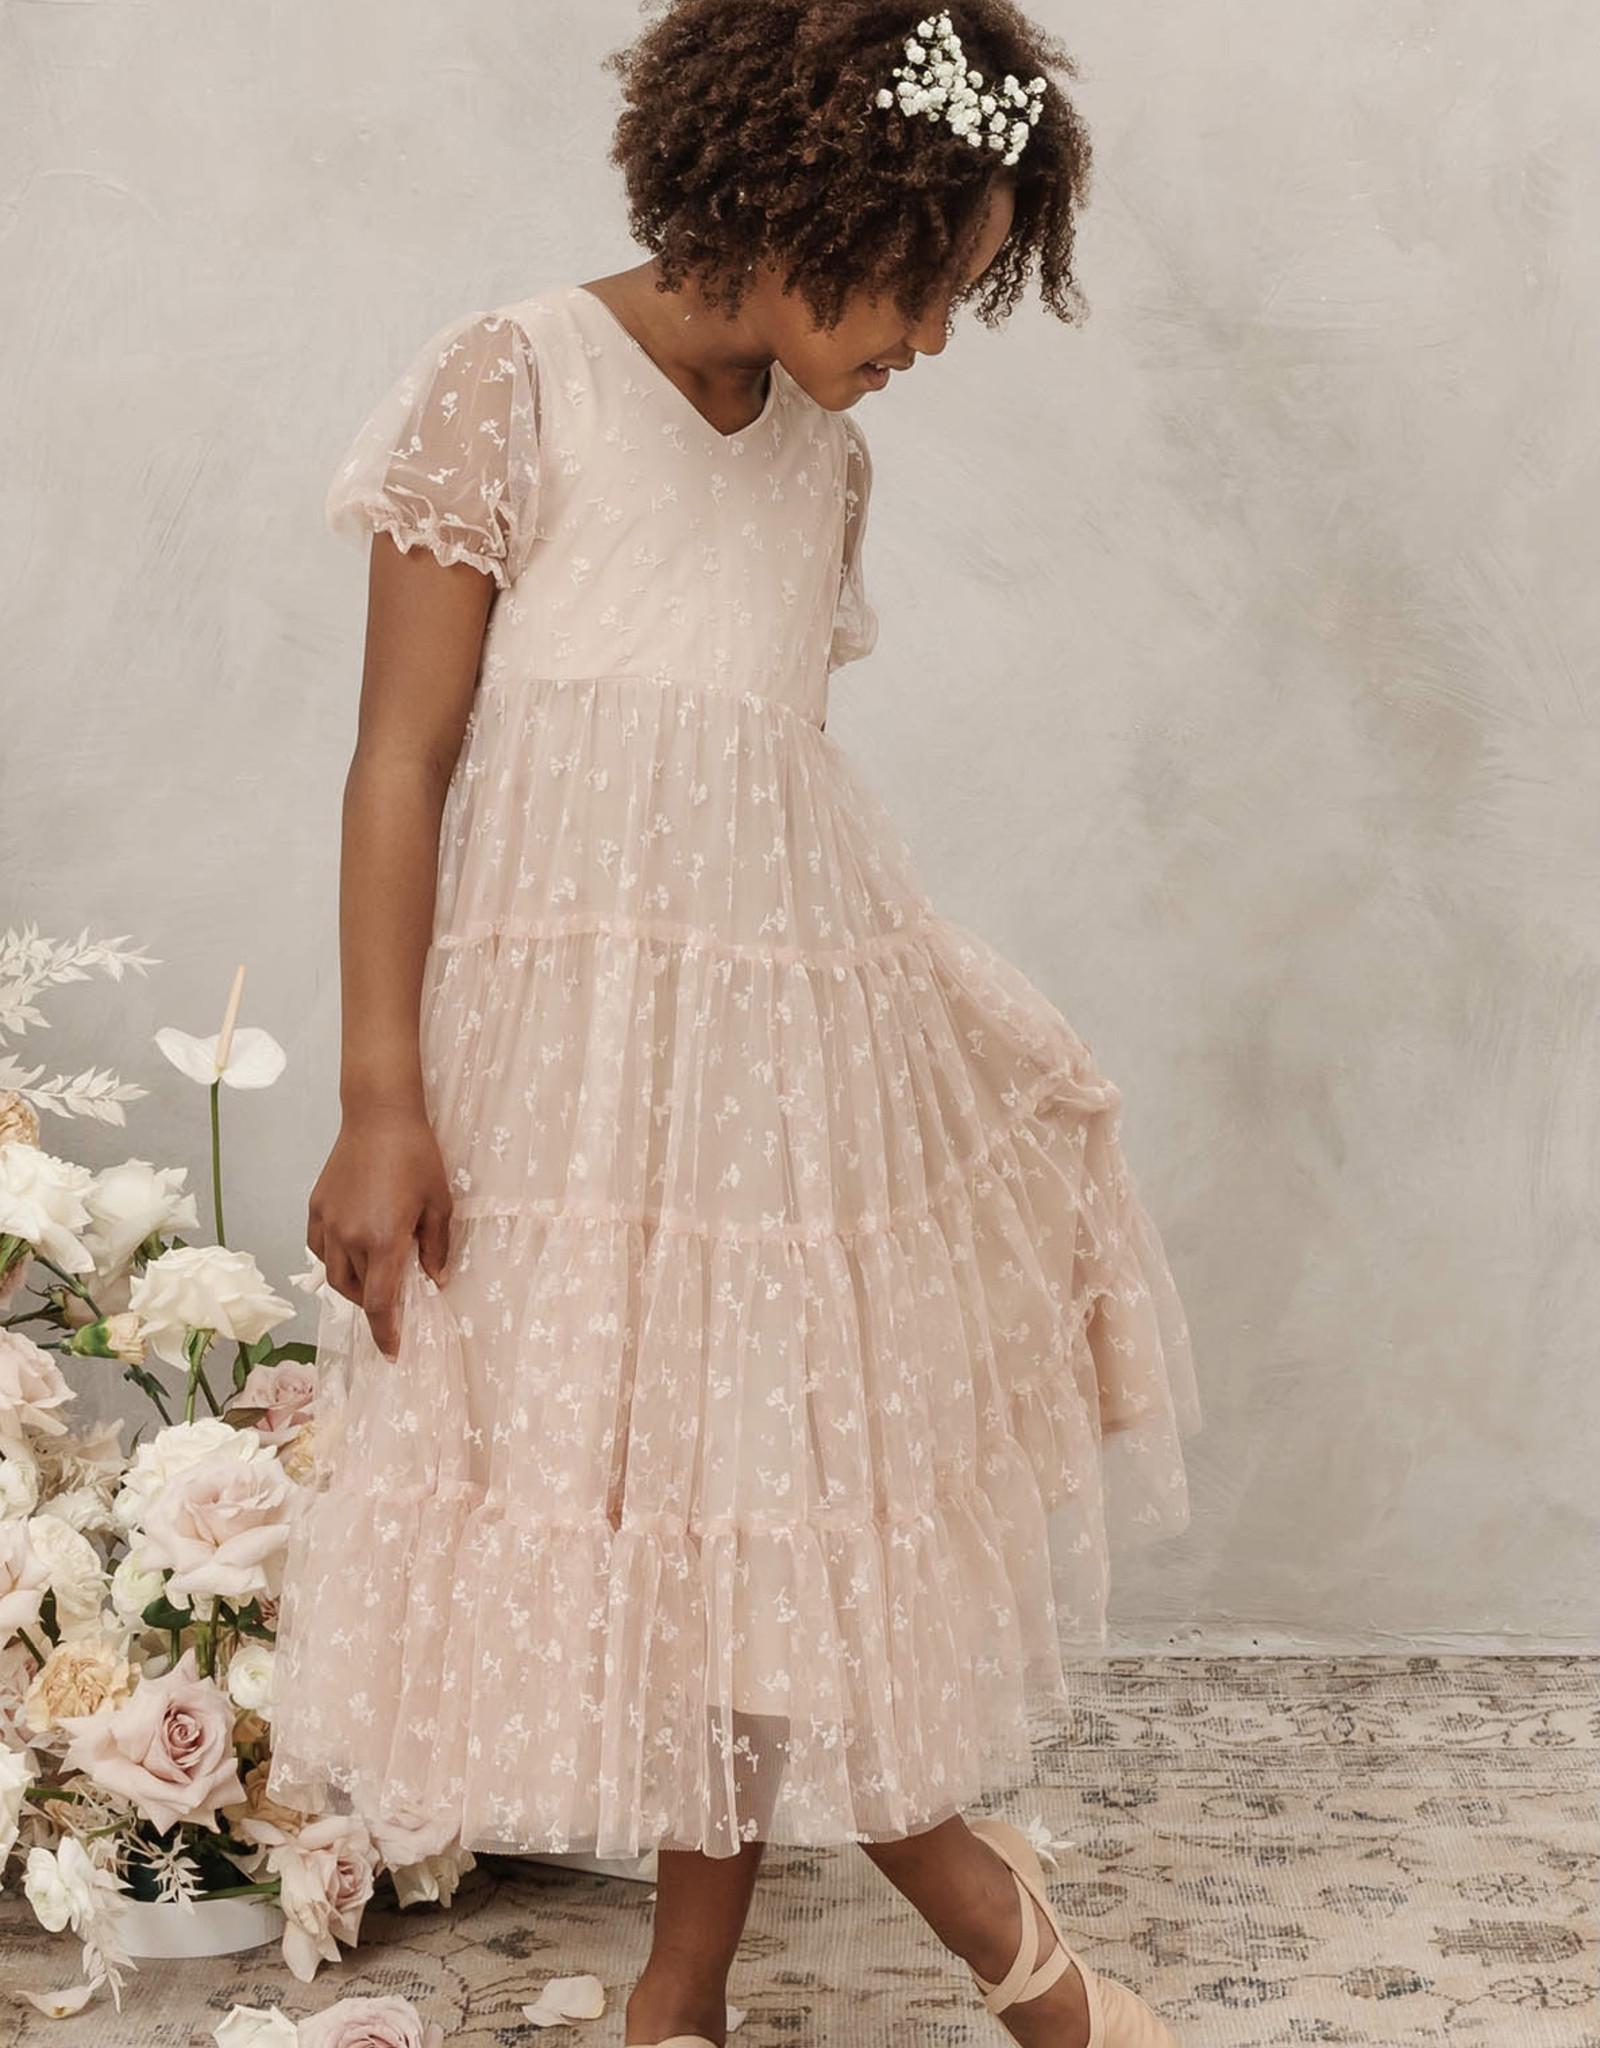 Nora Lee Mauve Tule Dottie Dress